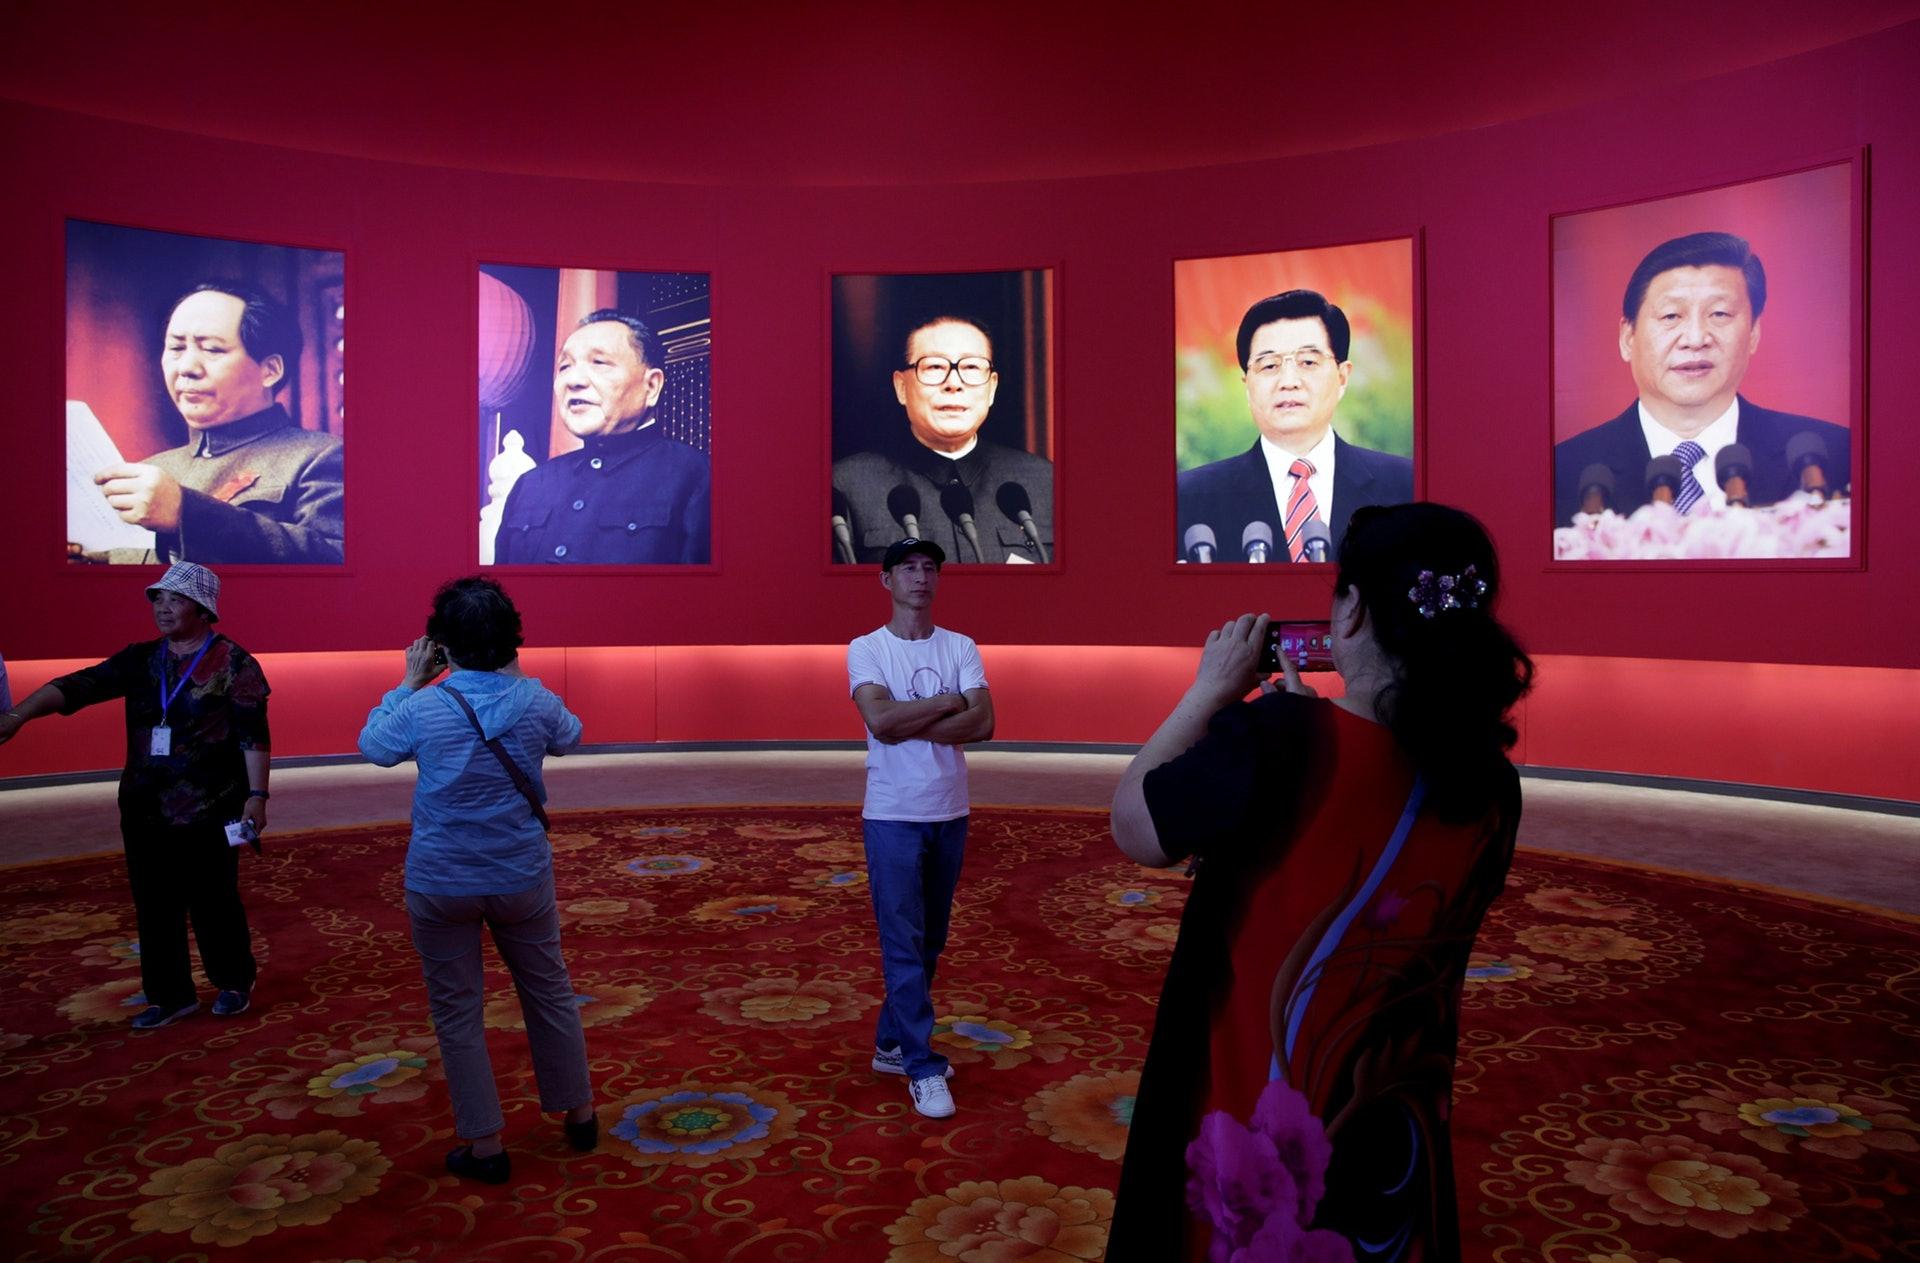 中共十九届四中全会,将成为习近平时代中国政治新的起点。(Reuters)